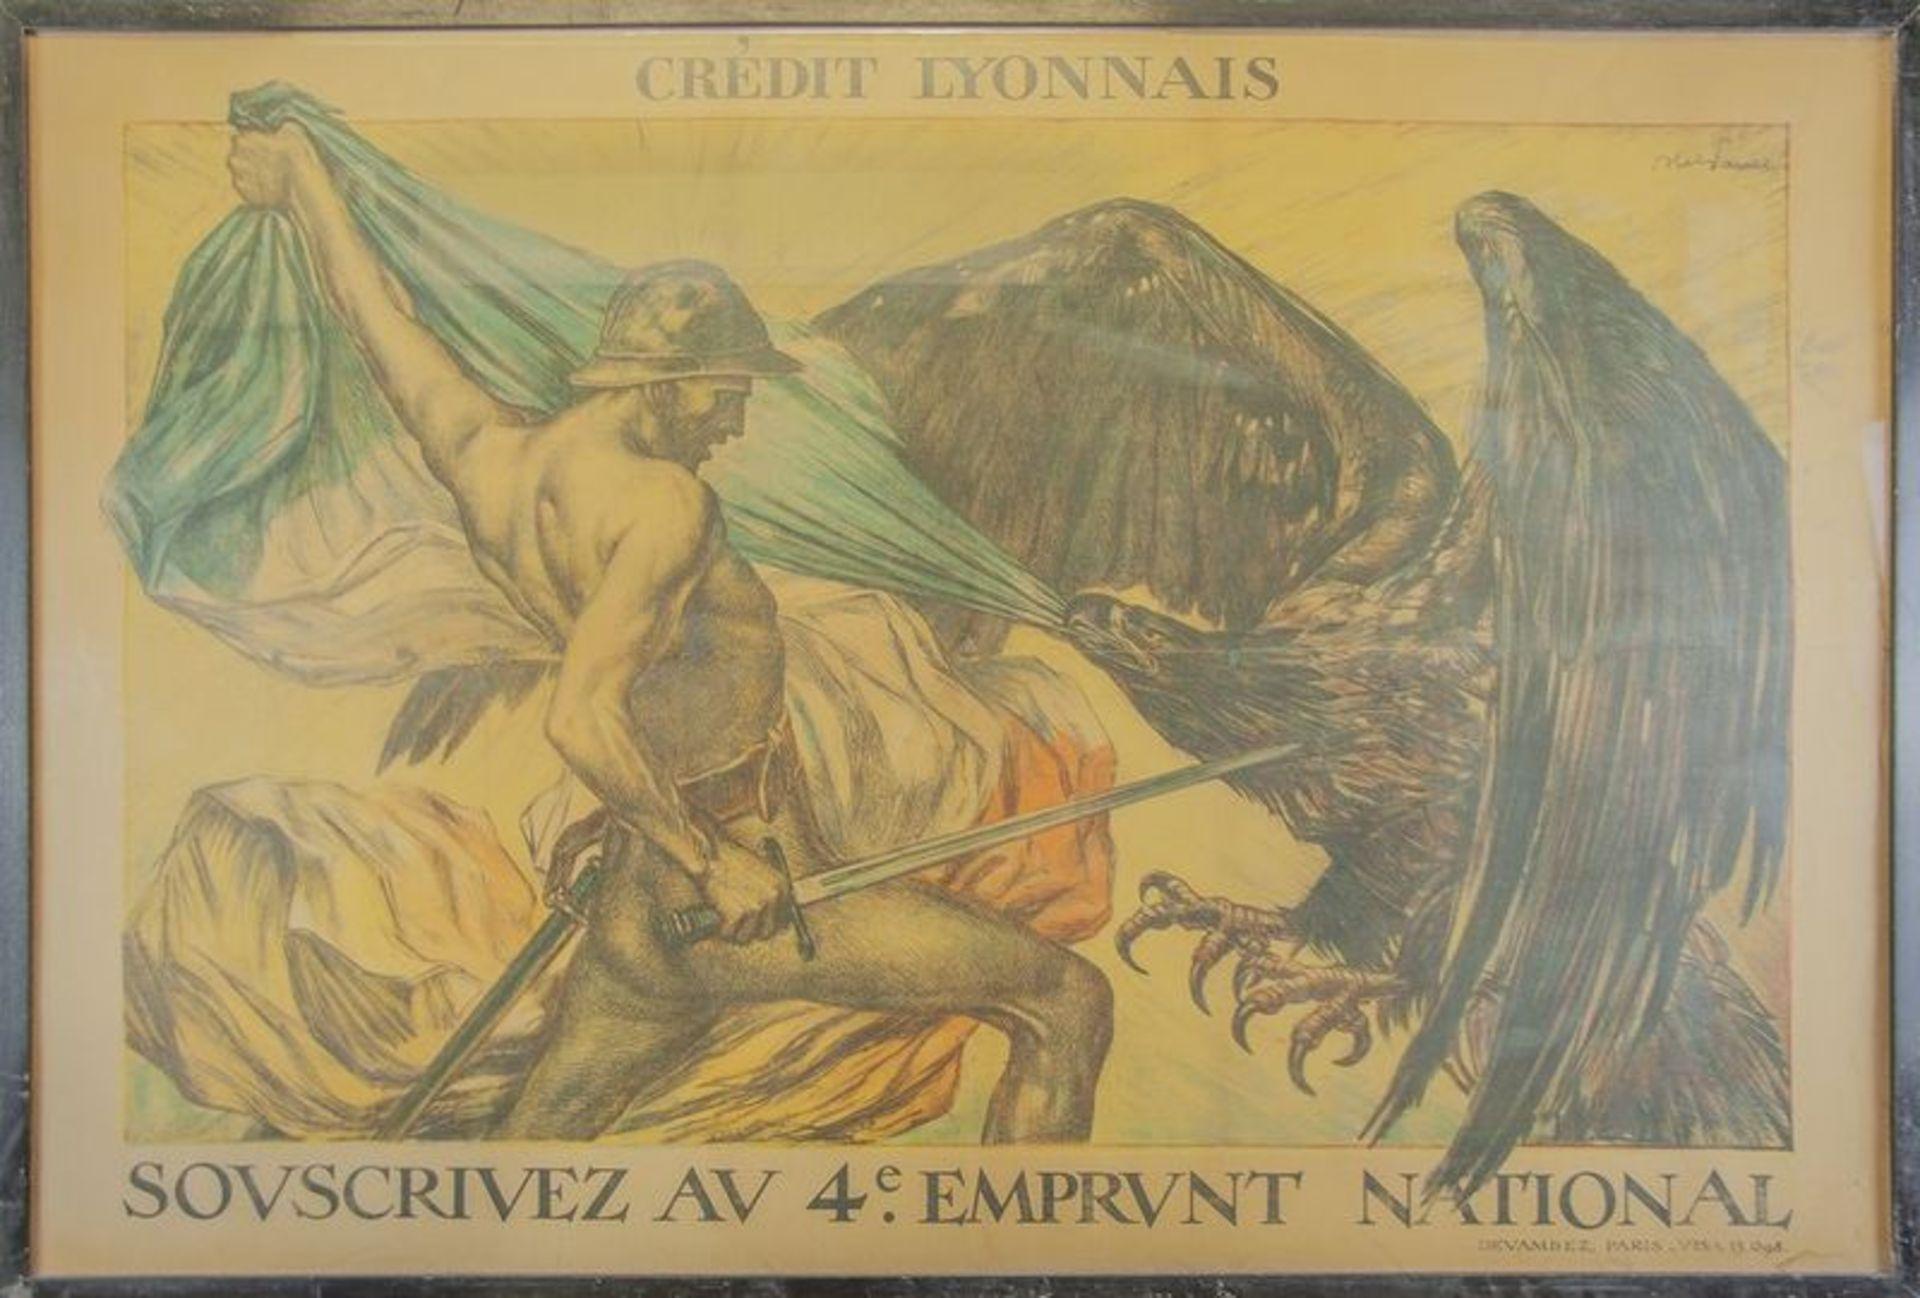 ABEL JULES FAIVRE (1867-1945) Crédit Lyonnais : Souscrivez au 4e. Emprunt National [...]